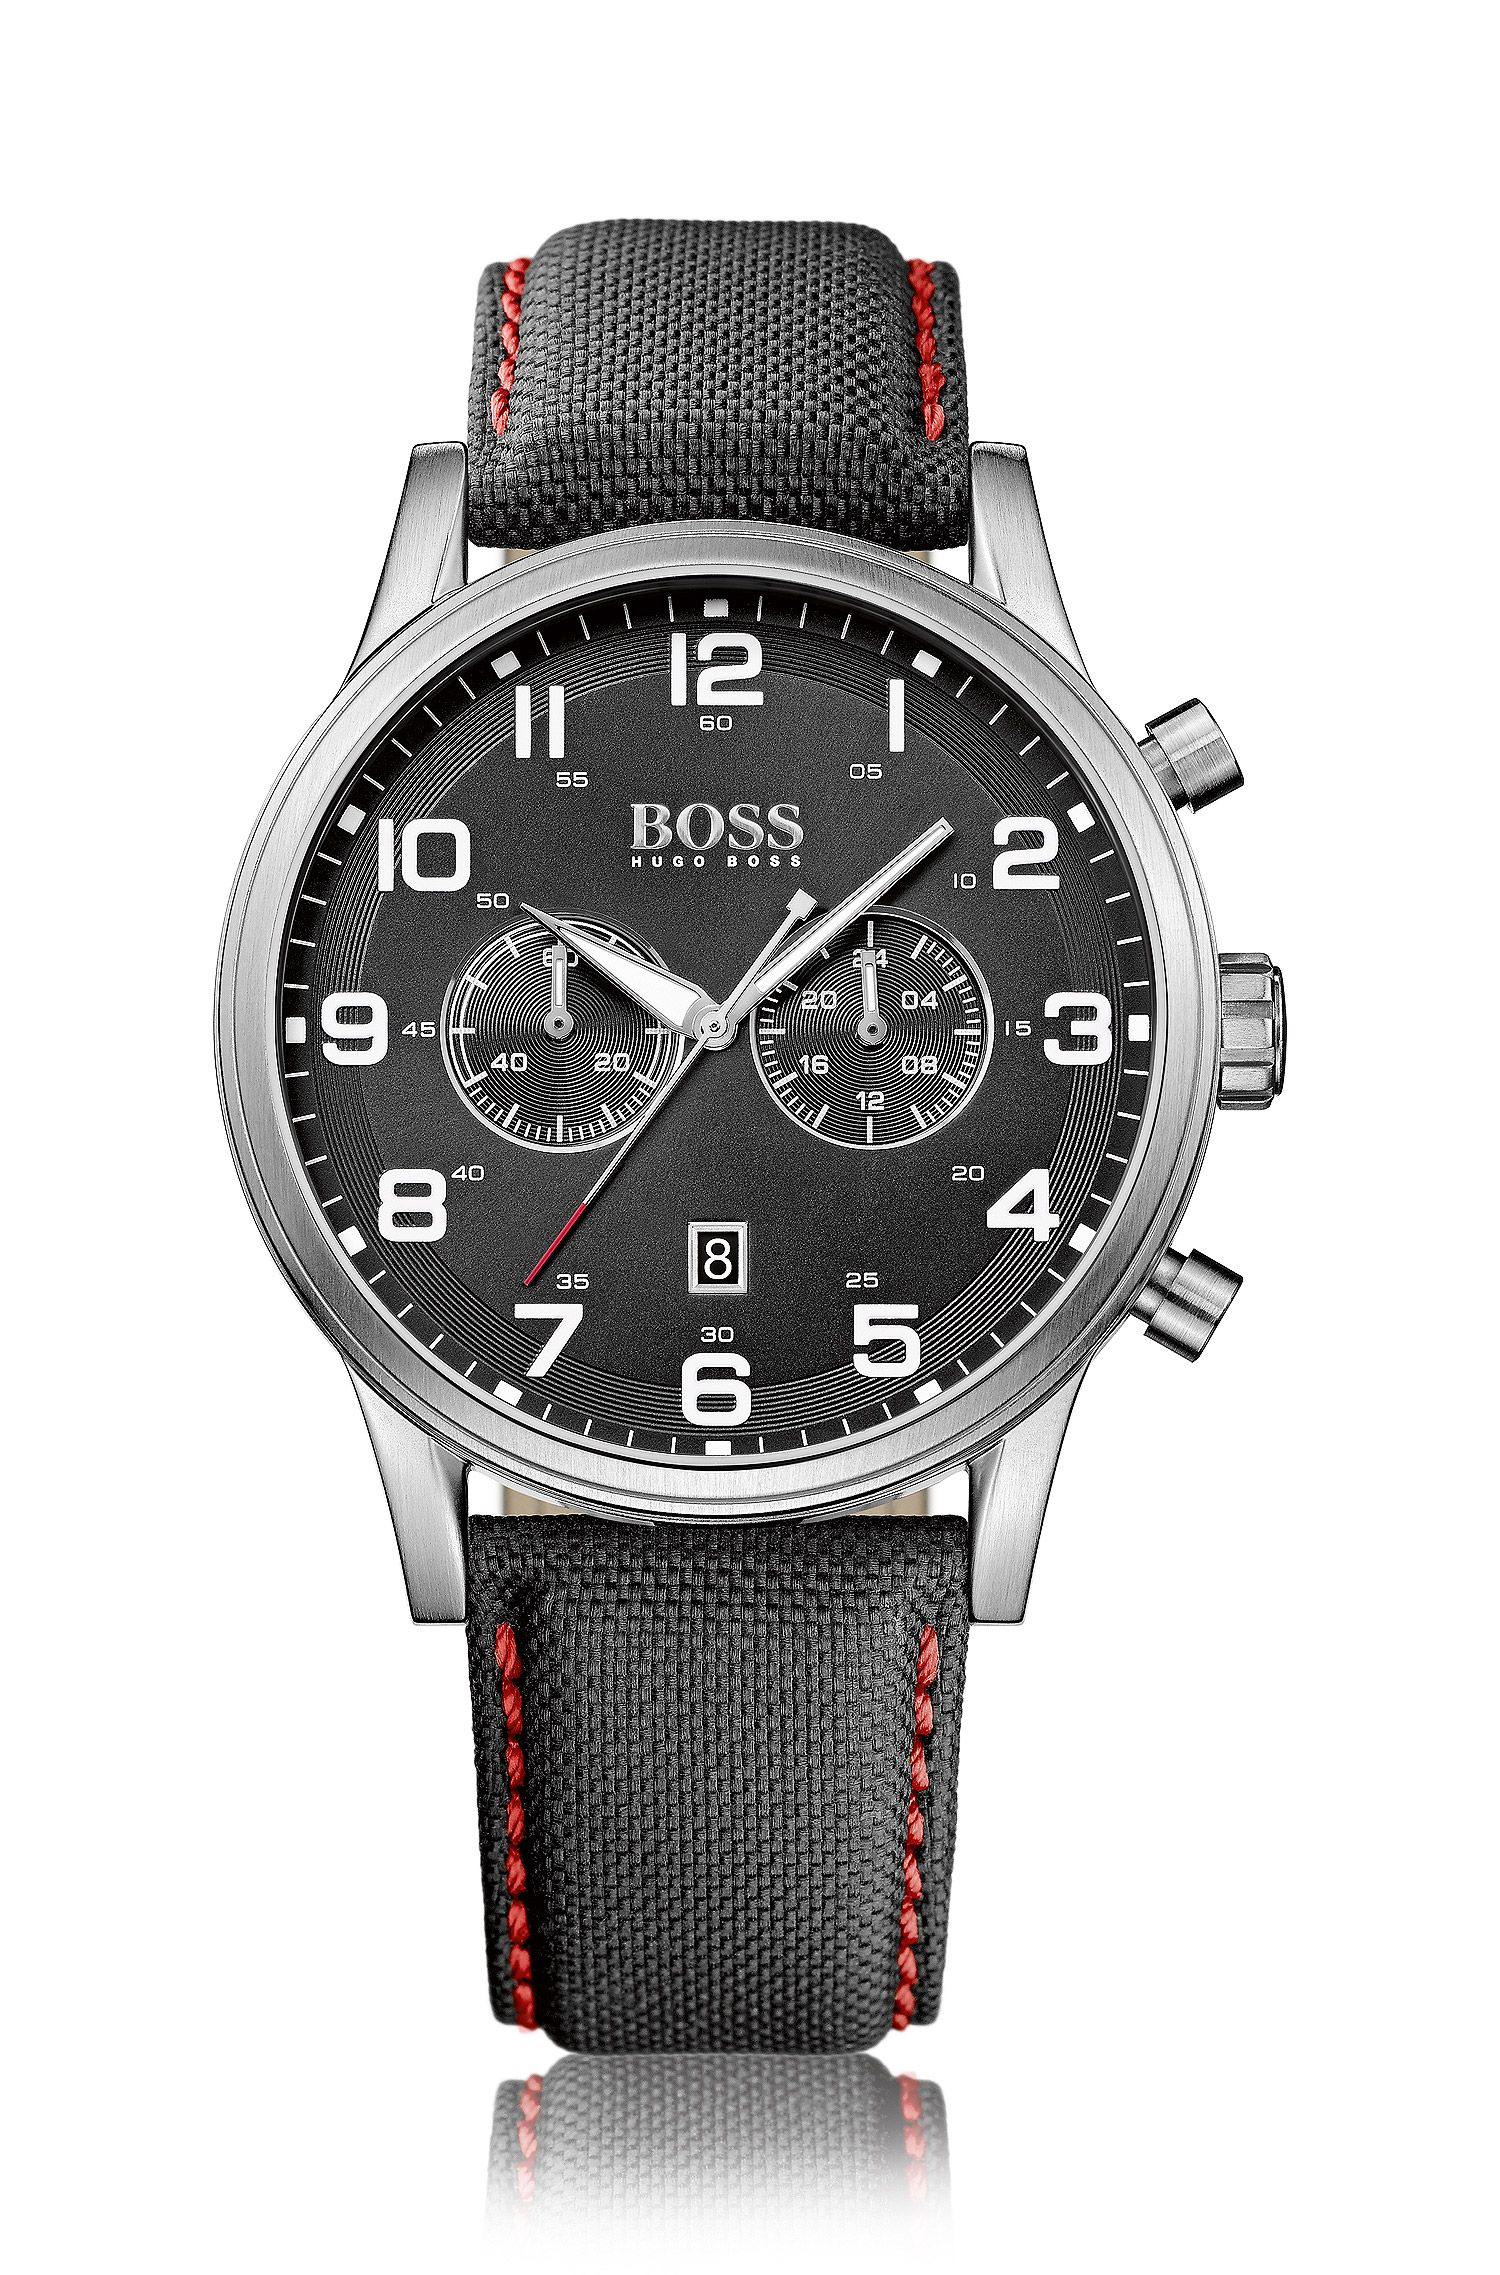 Montre chronographe flyback à deux sous-cadrans en acier inoxydable brossé, avec bracelet en tissu